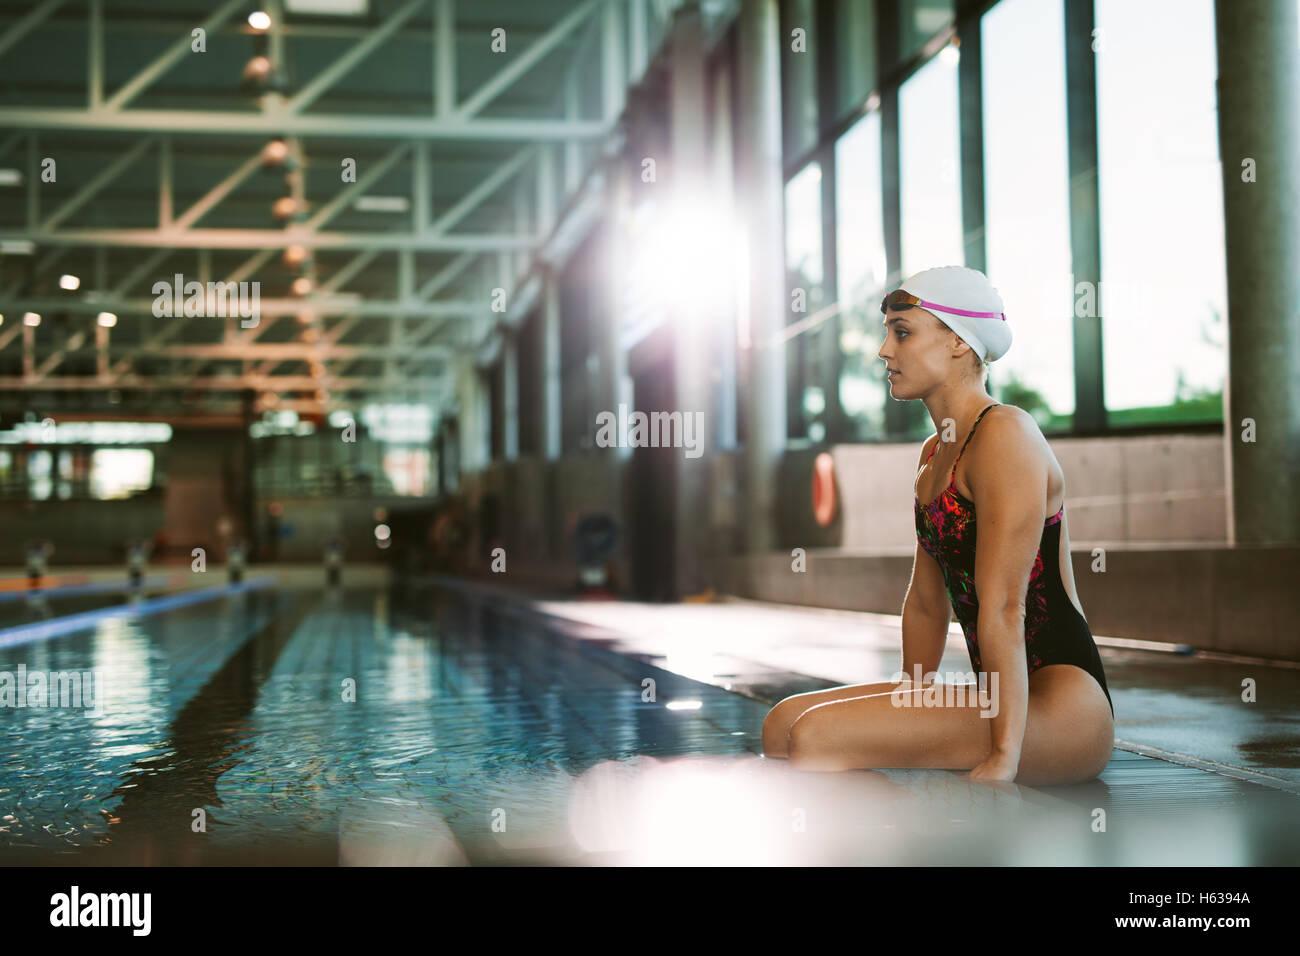 Vista lateral de disparo colocar joven nadador relajarse al borde de una piscina. Imagen De Stock